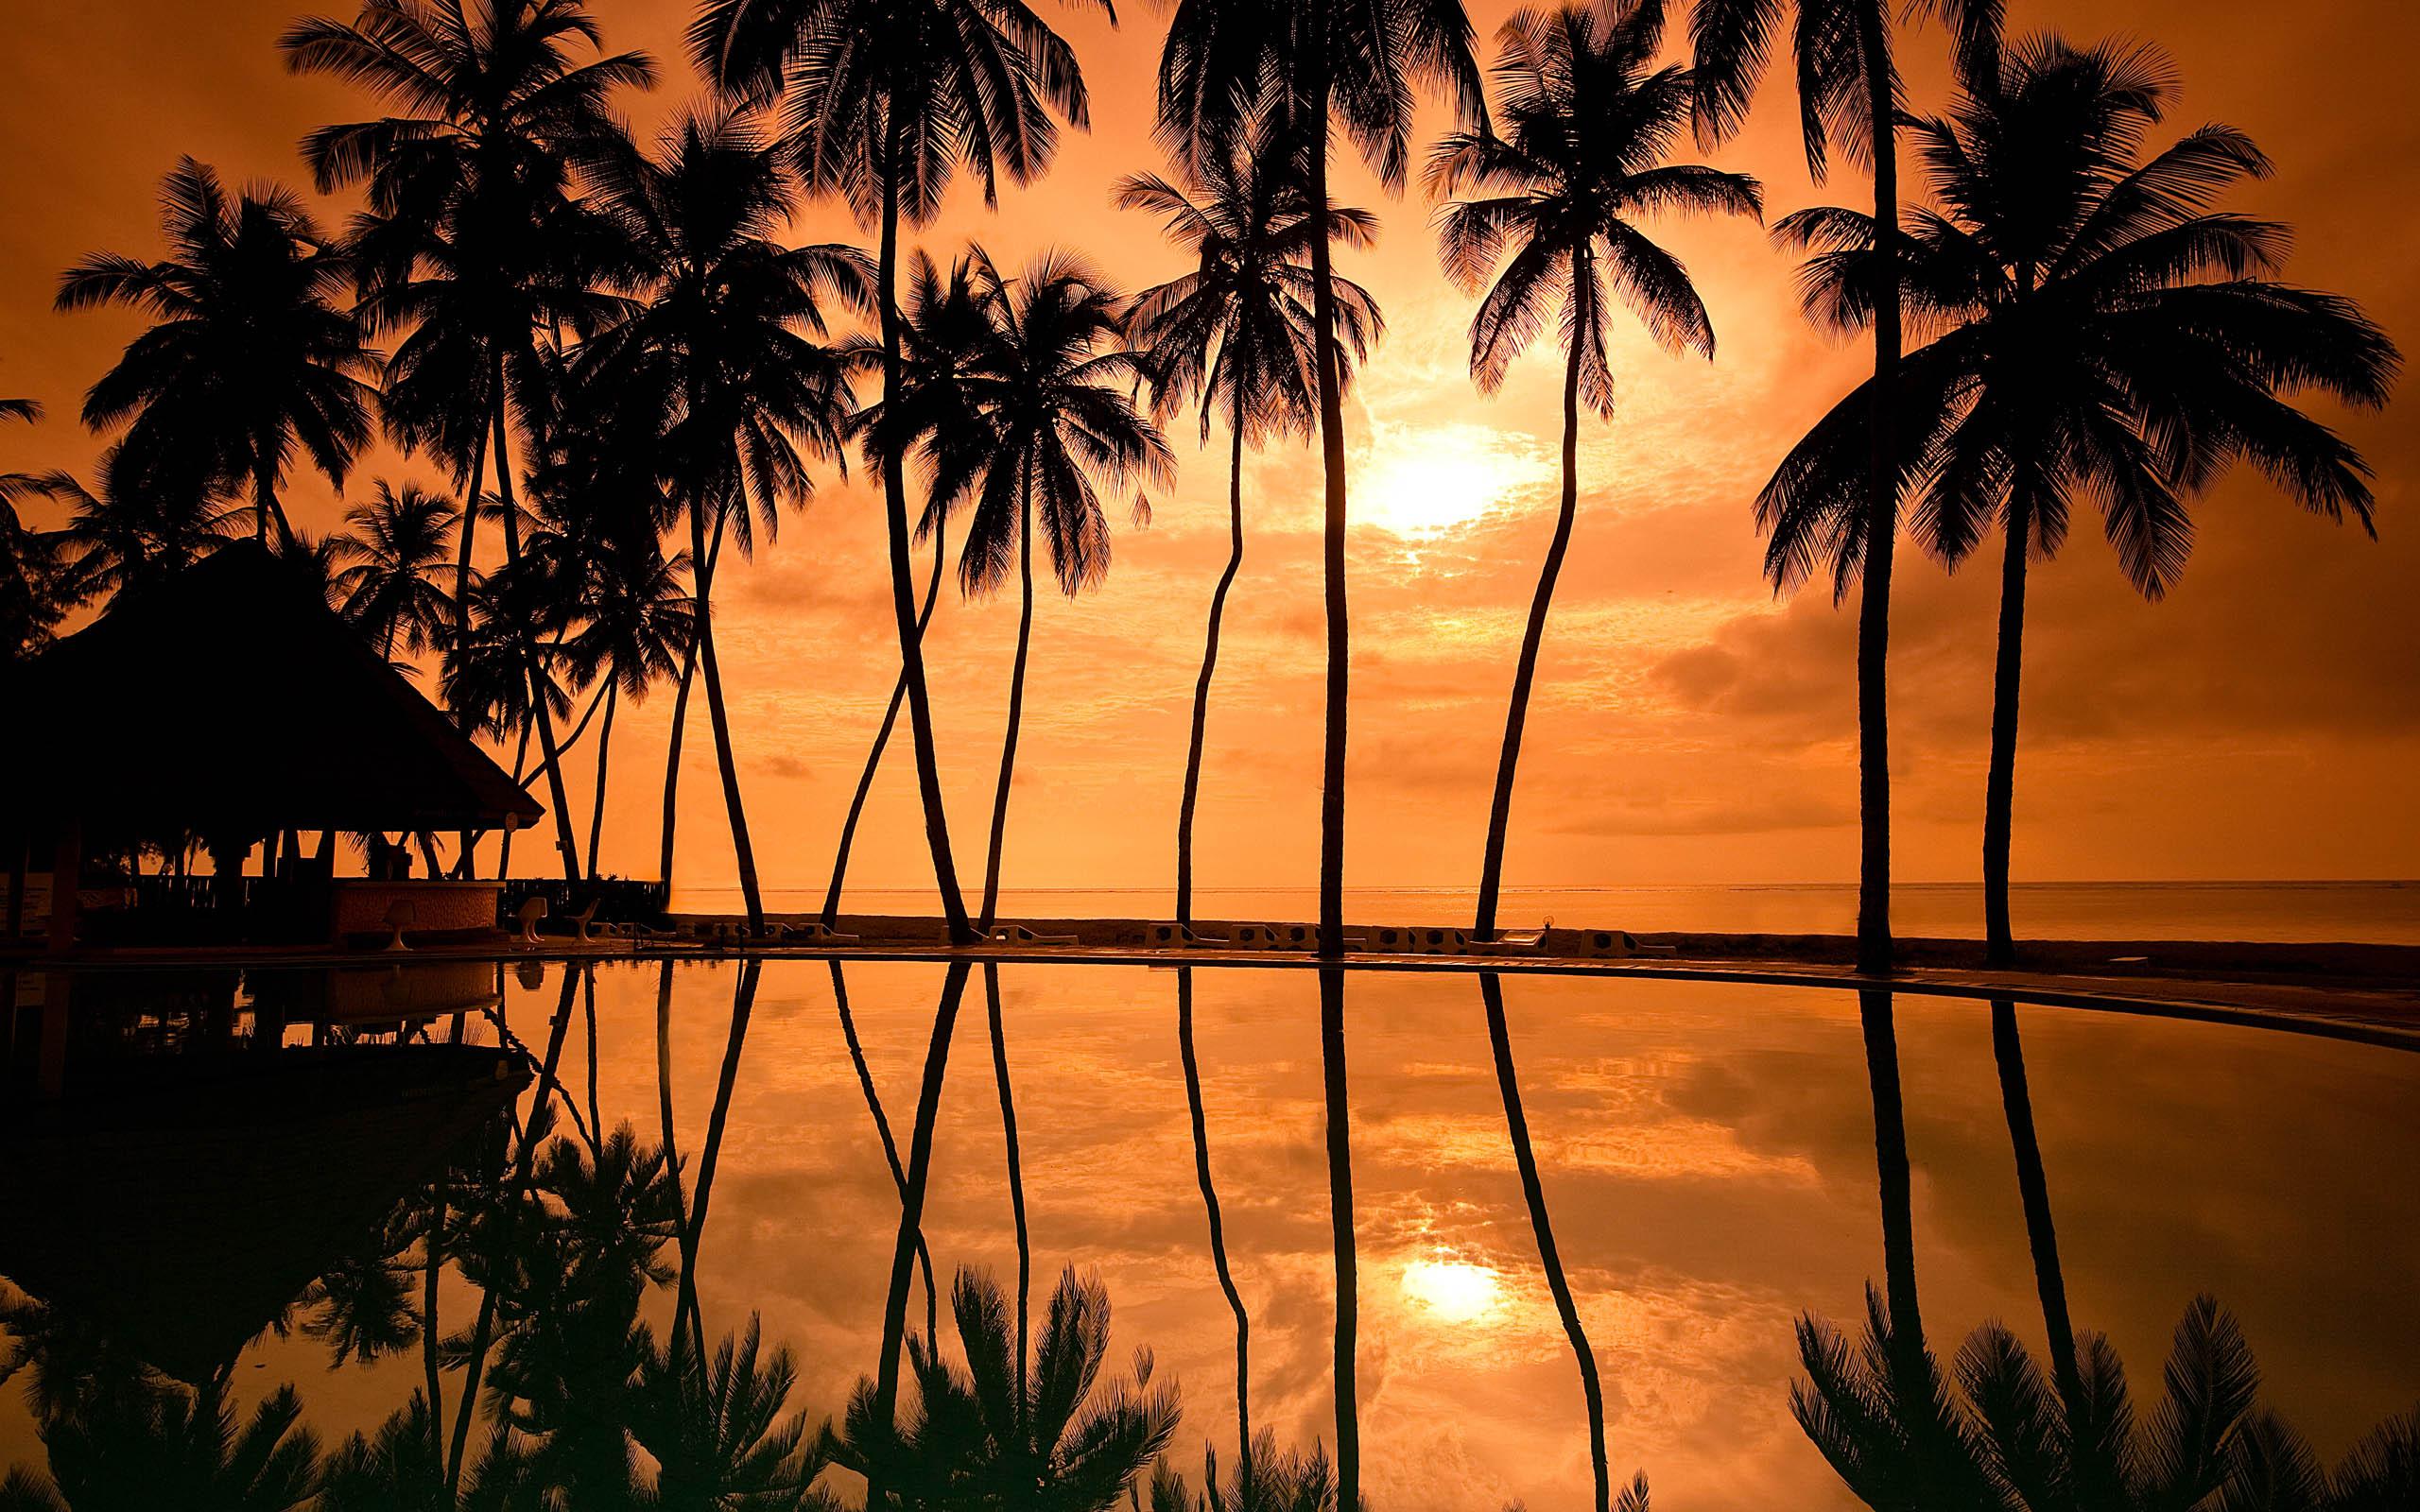 Пальмы, солнце, небо загрузить